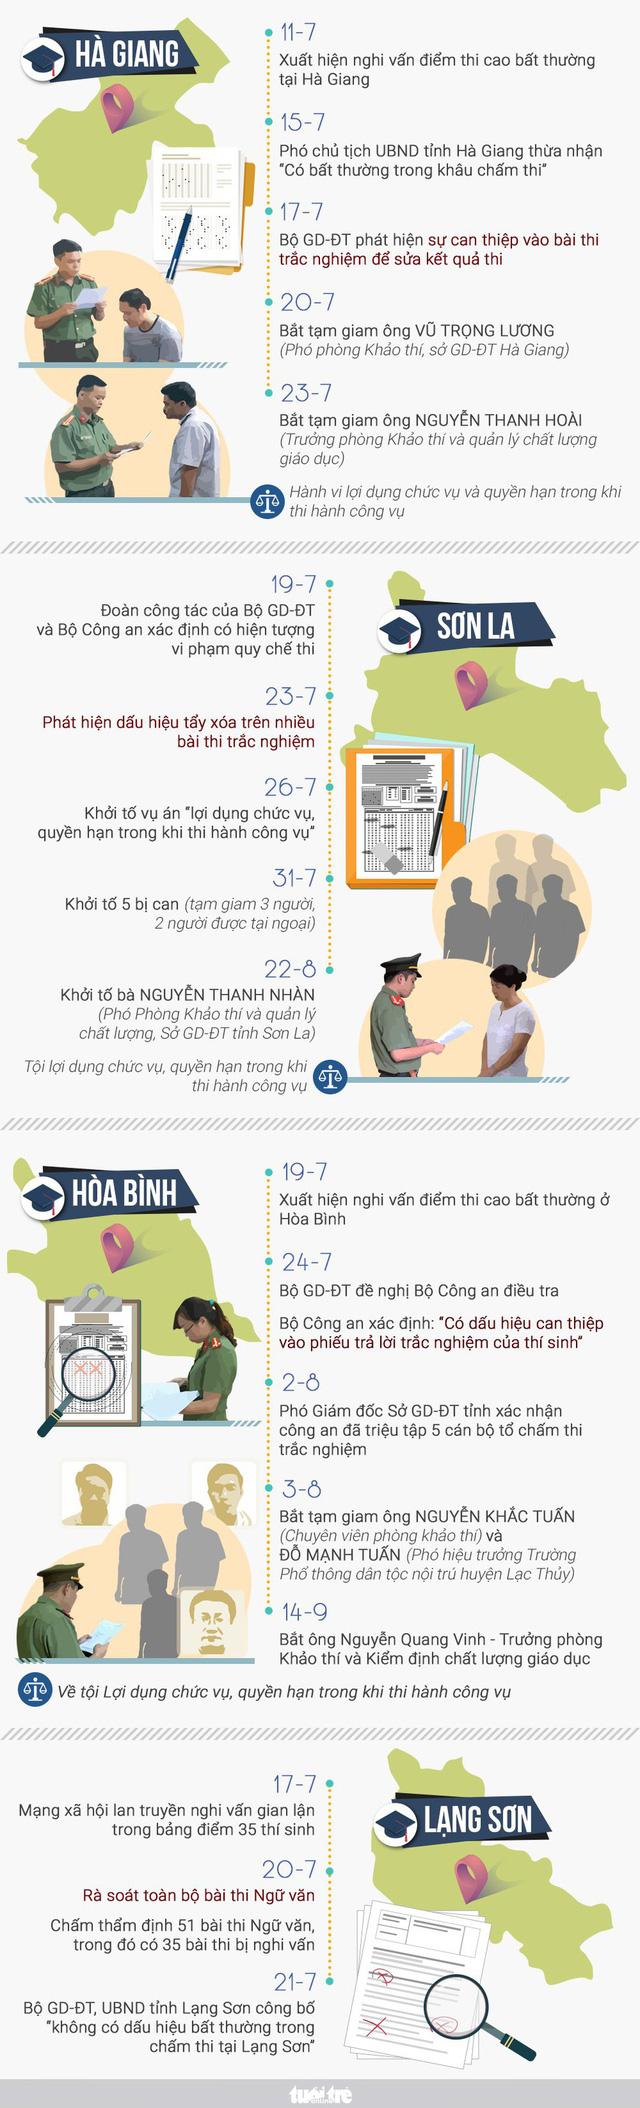 Vụ gian lận điểm thi ở Sơn La: Khởi tố cựu cán bộ công an tỉnh - Ảnh 3.